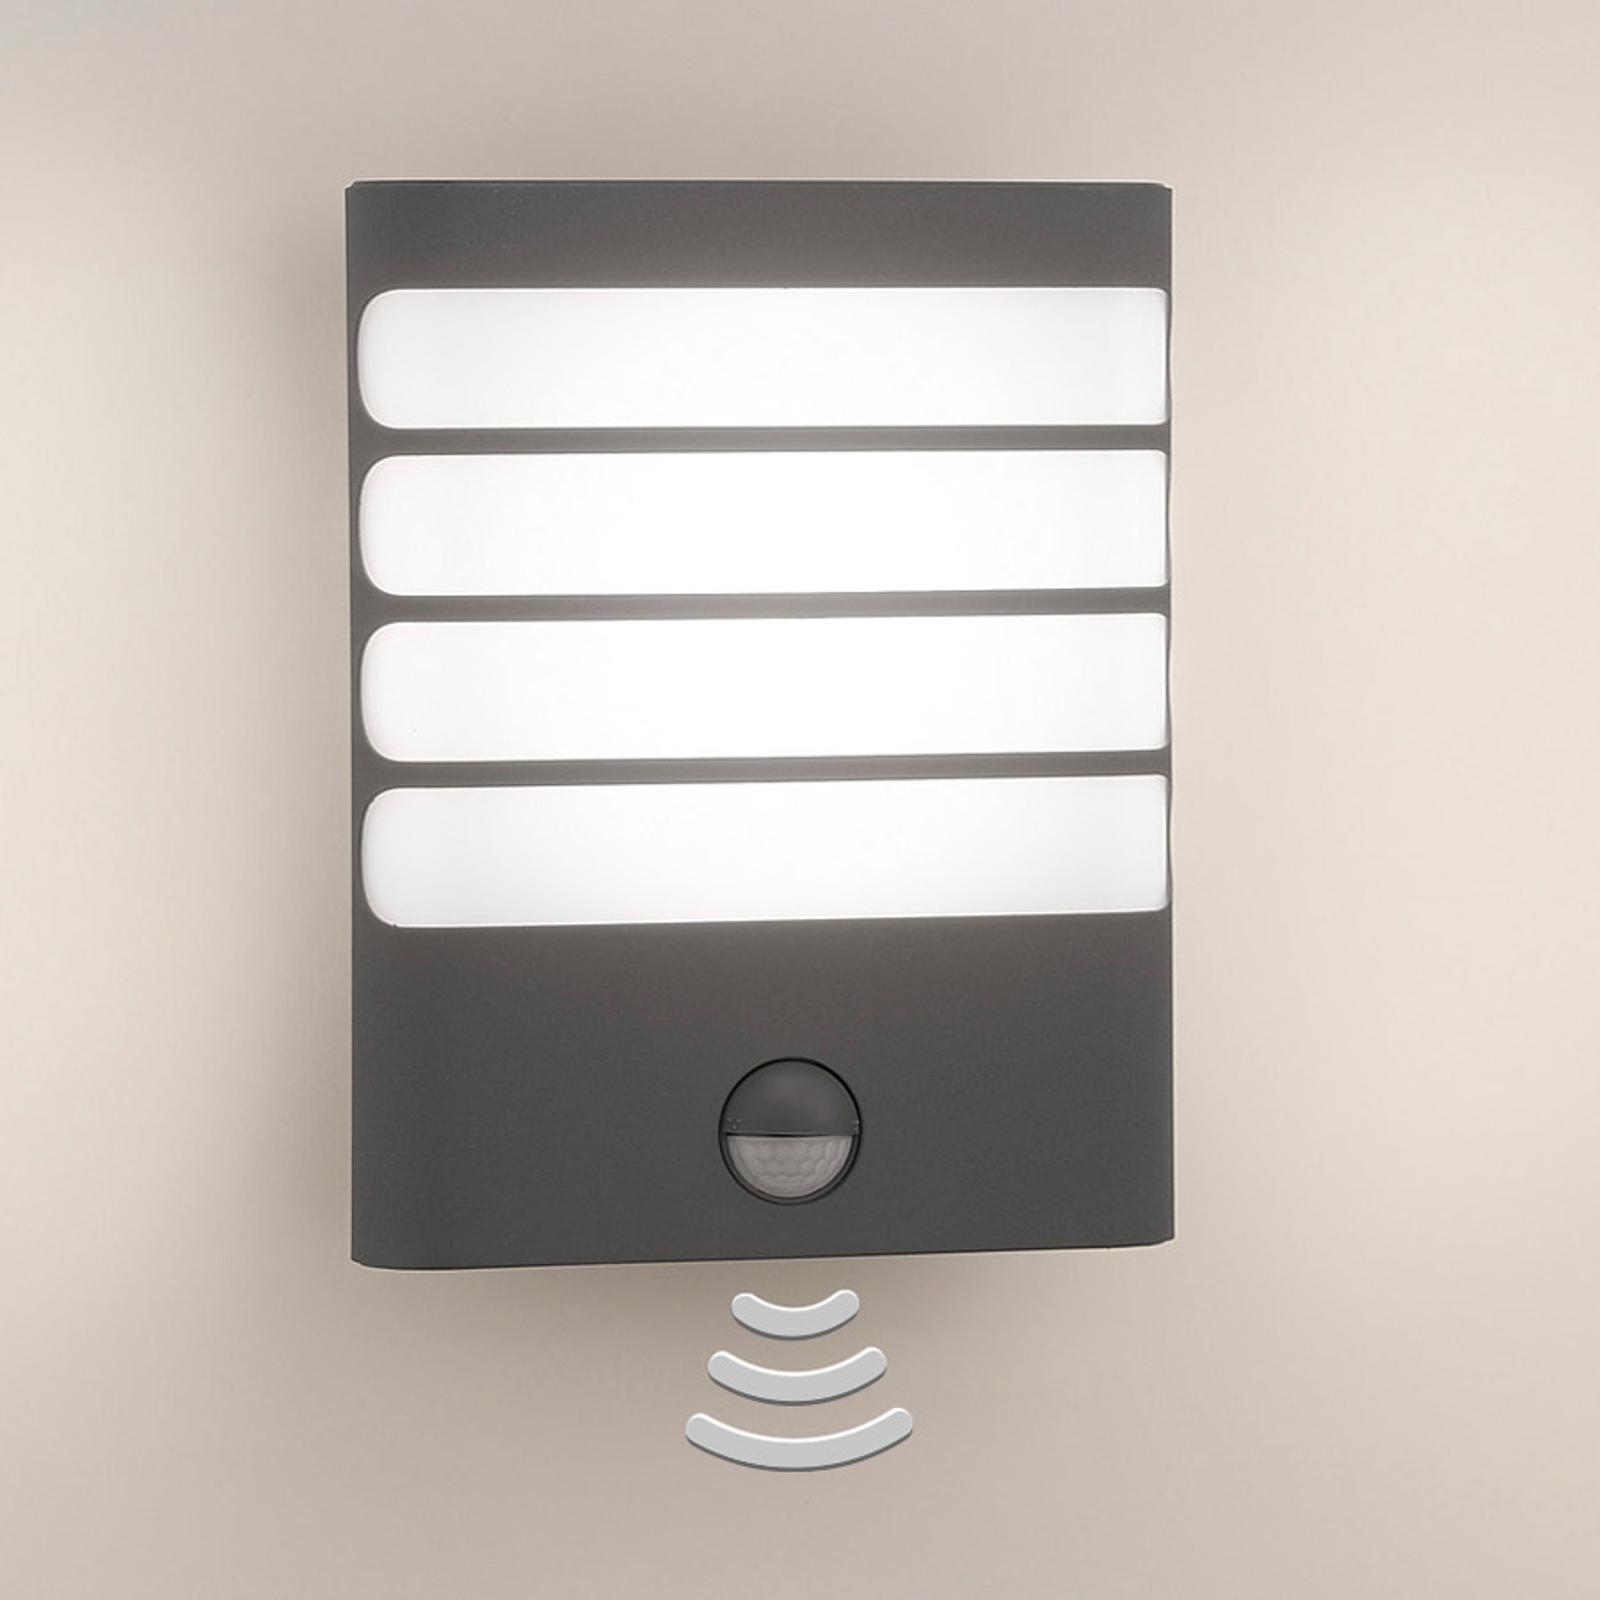 Philips Raccoon LED-Außenwandleuchte anthrazit BWM